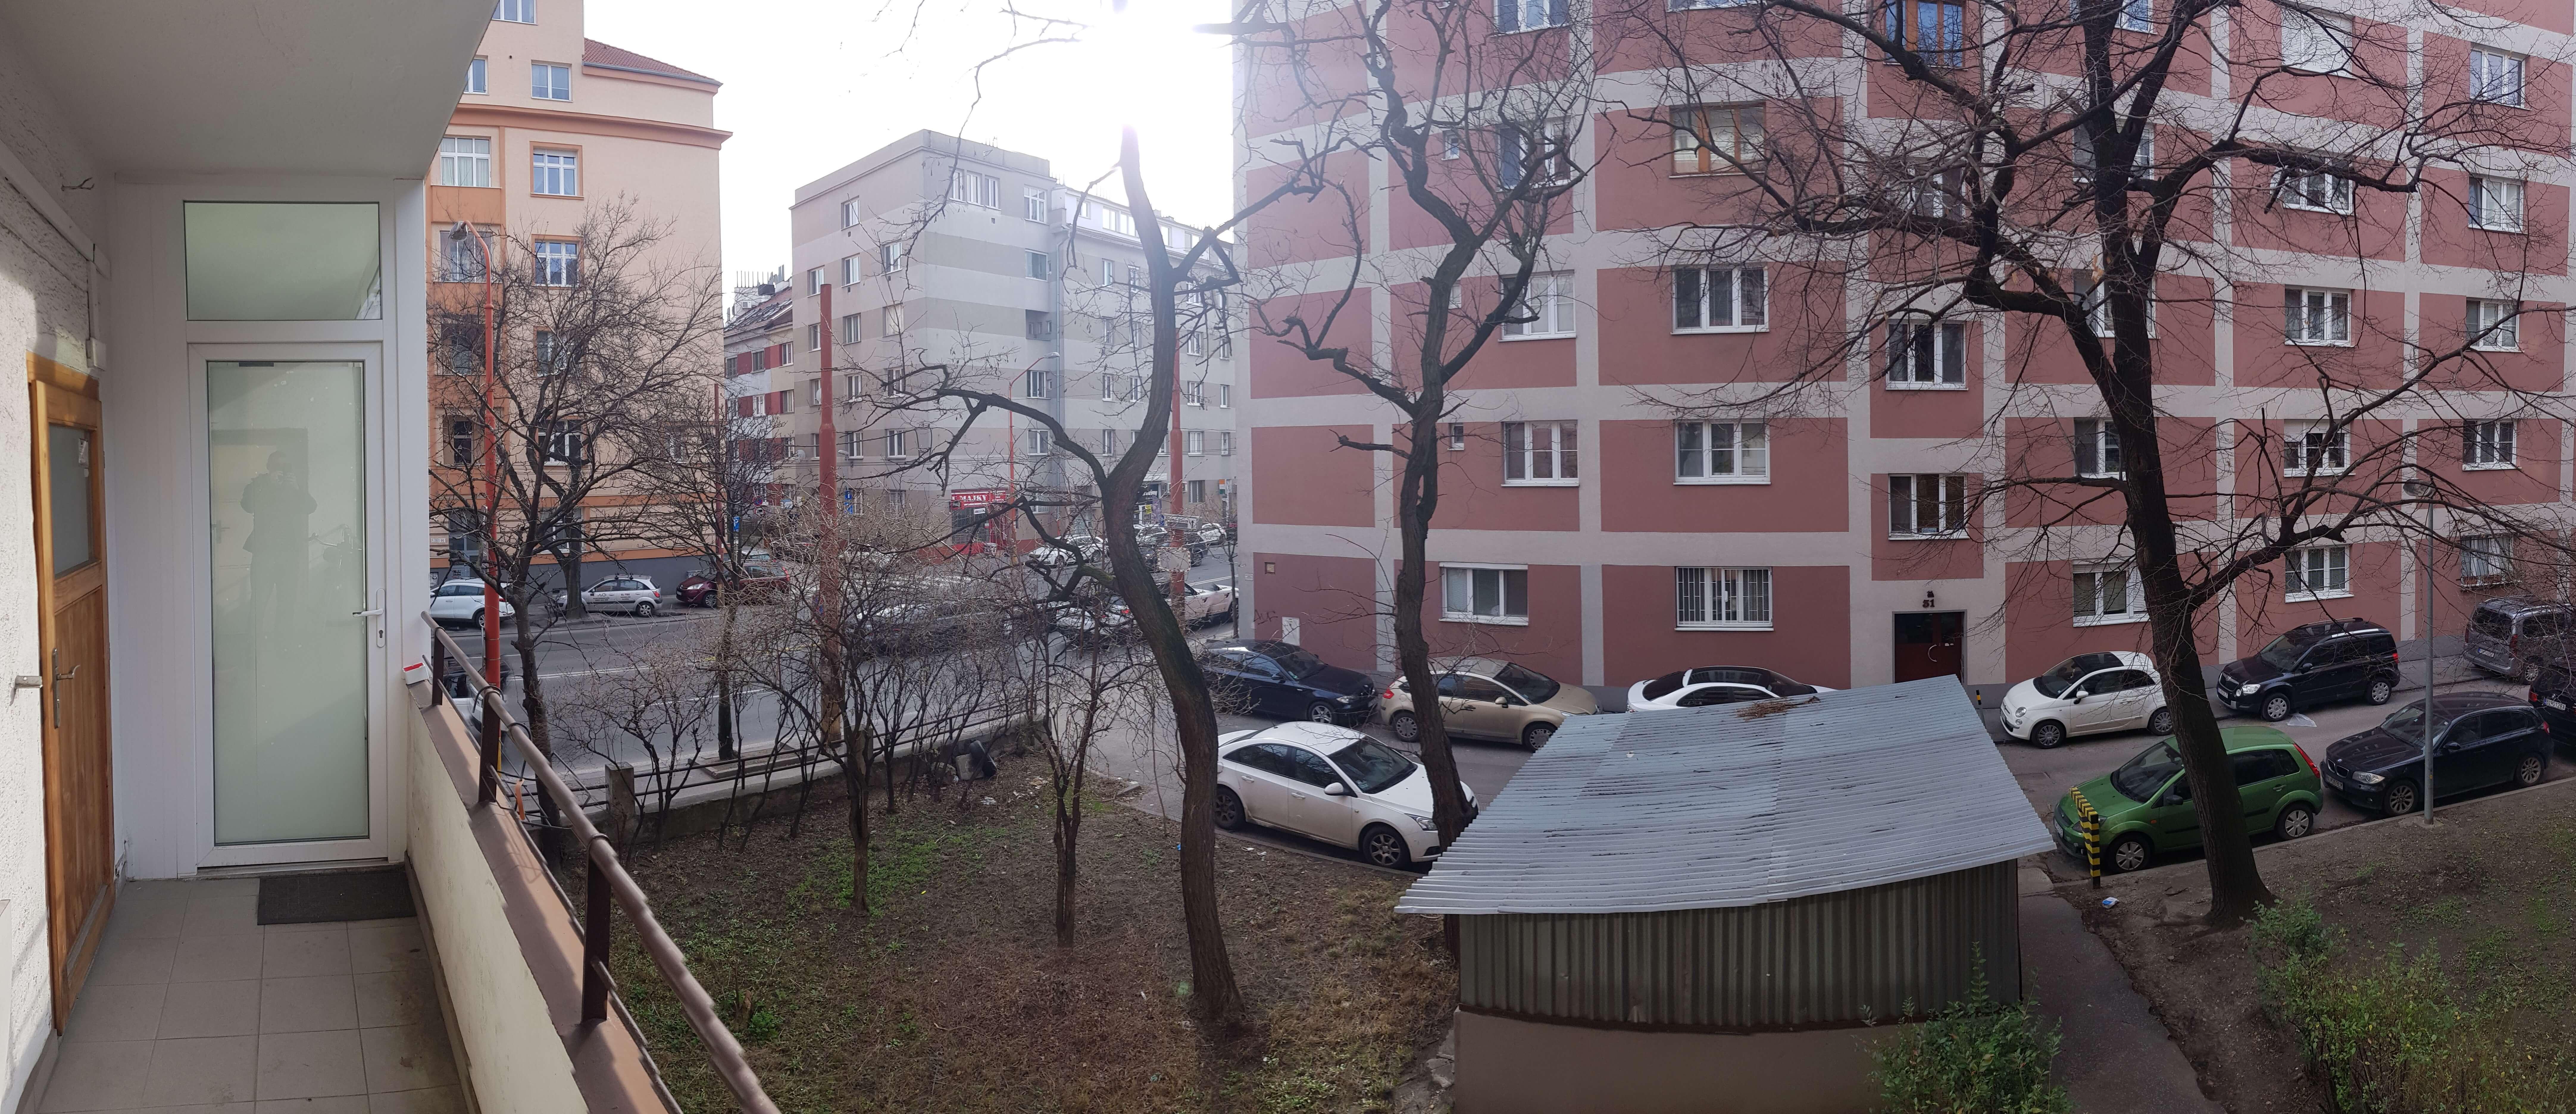 Prenájom jednej izby v 2 izb. byte, staré mesto, Šancová ulica, Bratislava, 80m2, zariadený-8